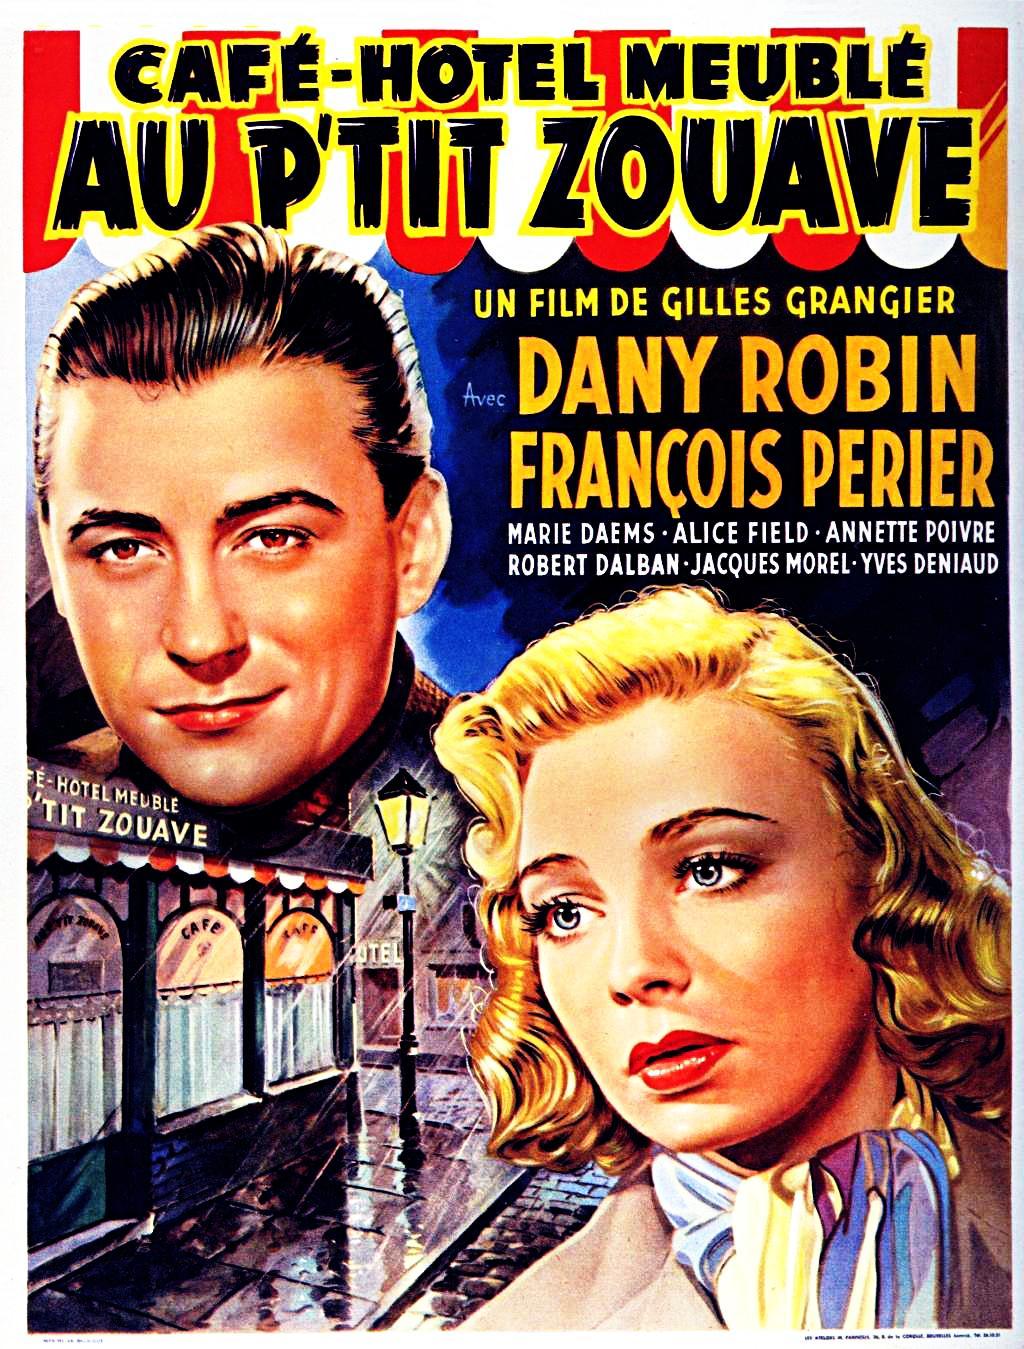 Au p'tit zouave (1950)